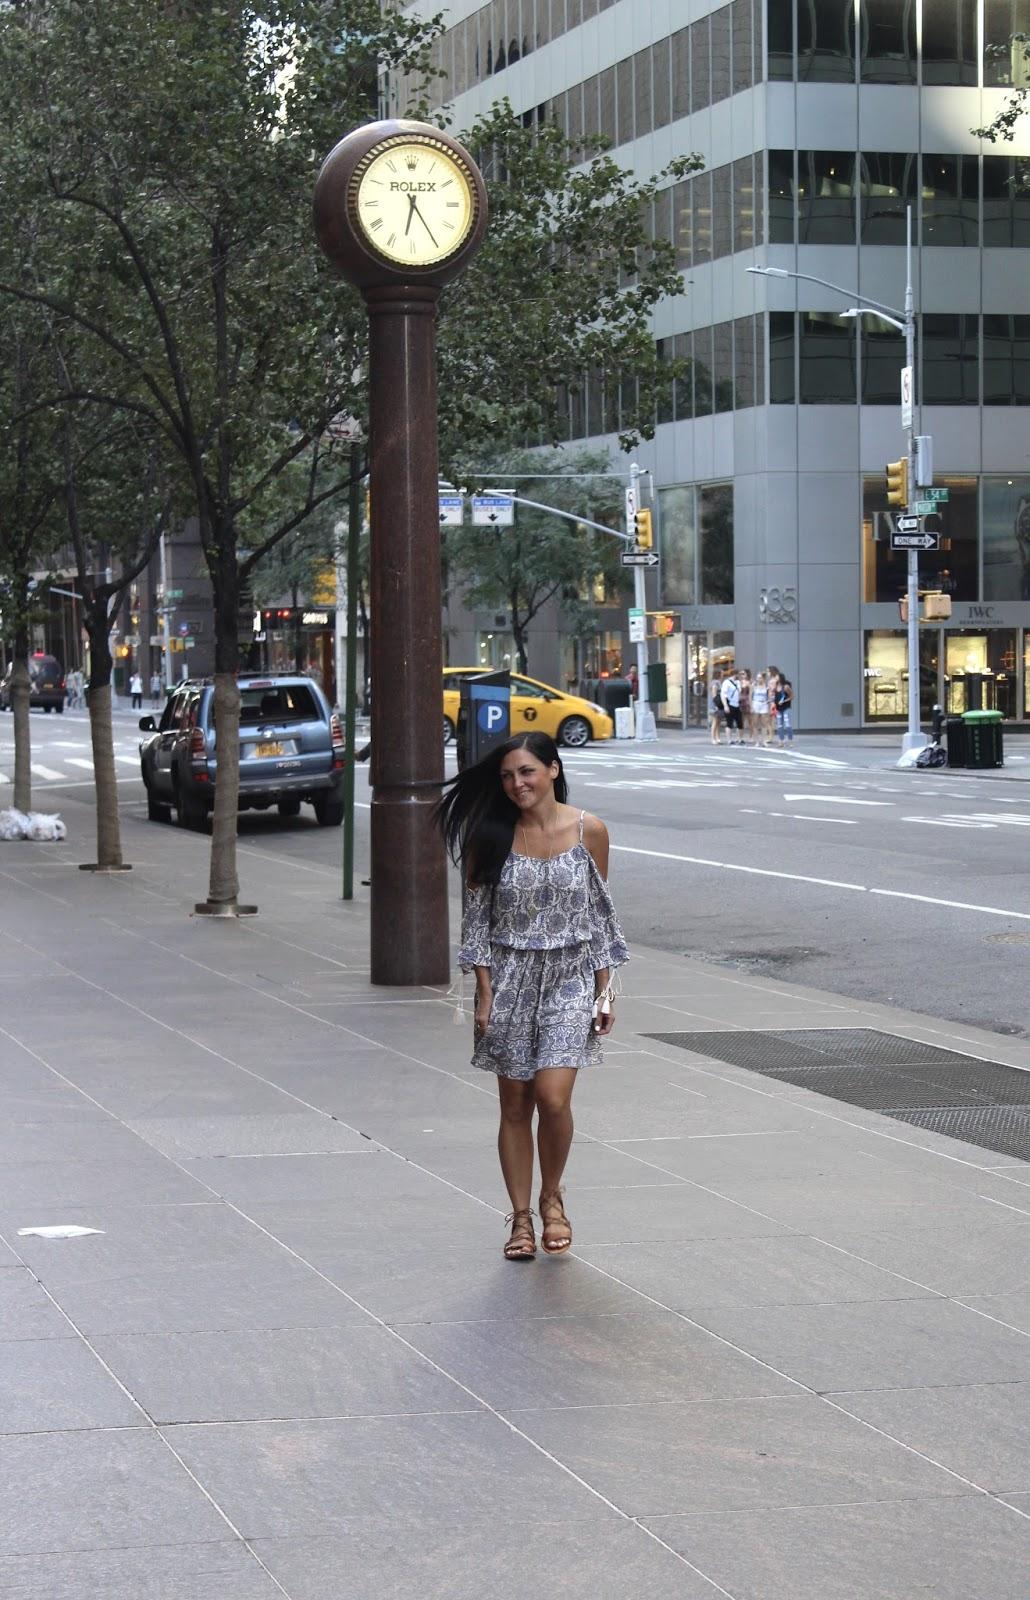 Rolex NYC, Fashion